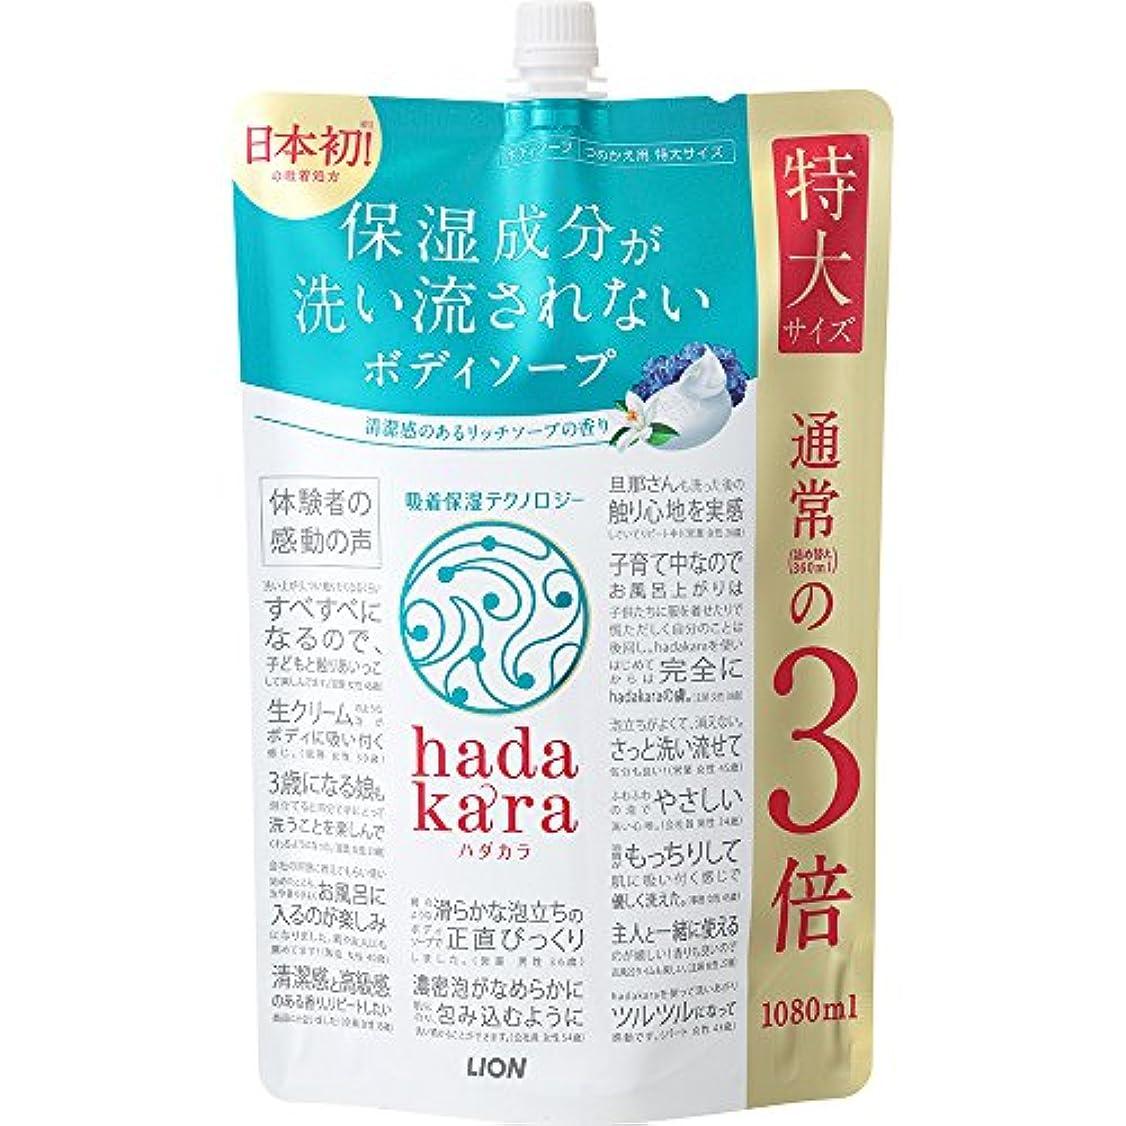 こする司教エクスタシー【大容量】hadakara(ハダカラ) ボディソープ リッチソープの香り 詰め替え 特大 1080ml